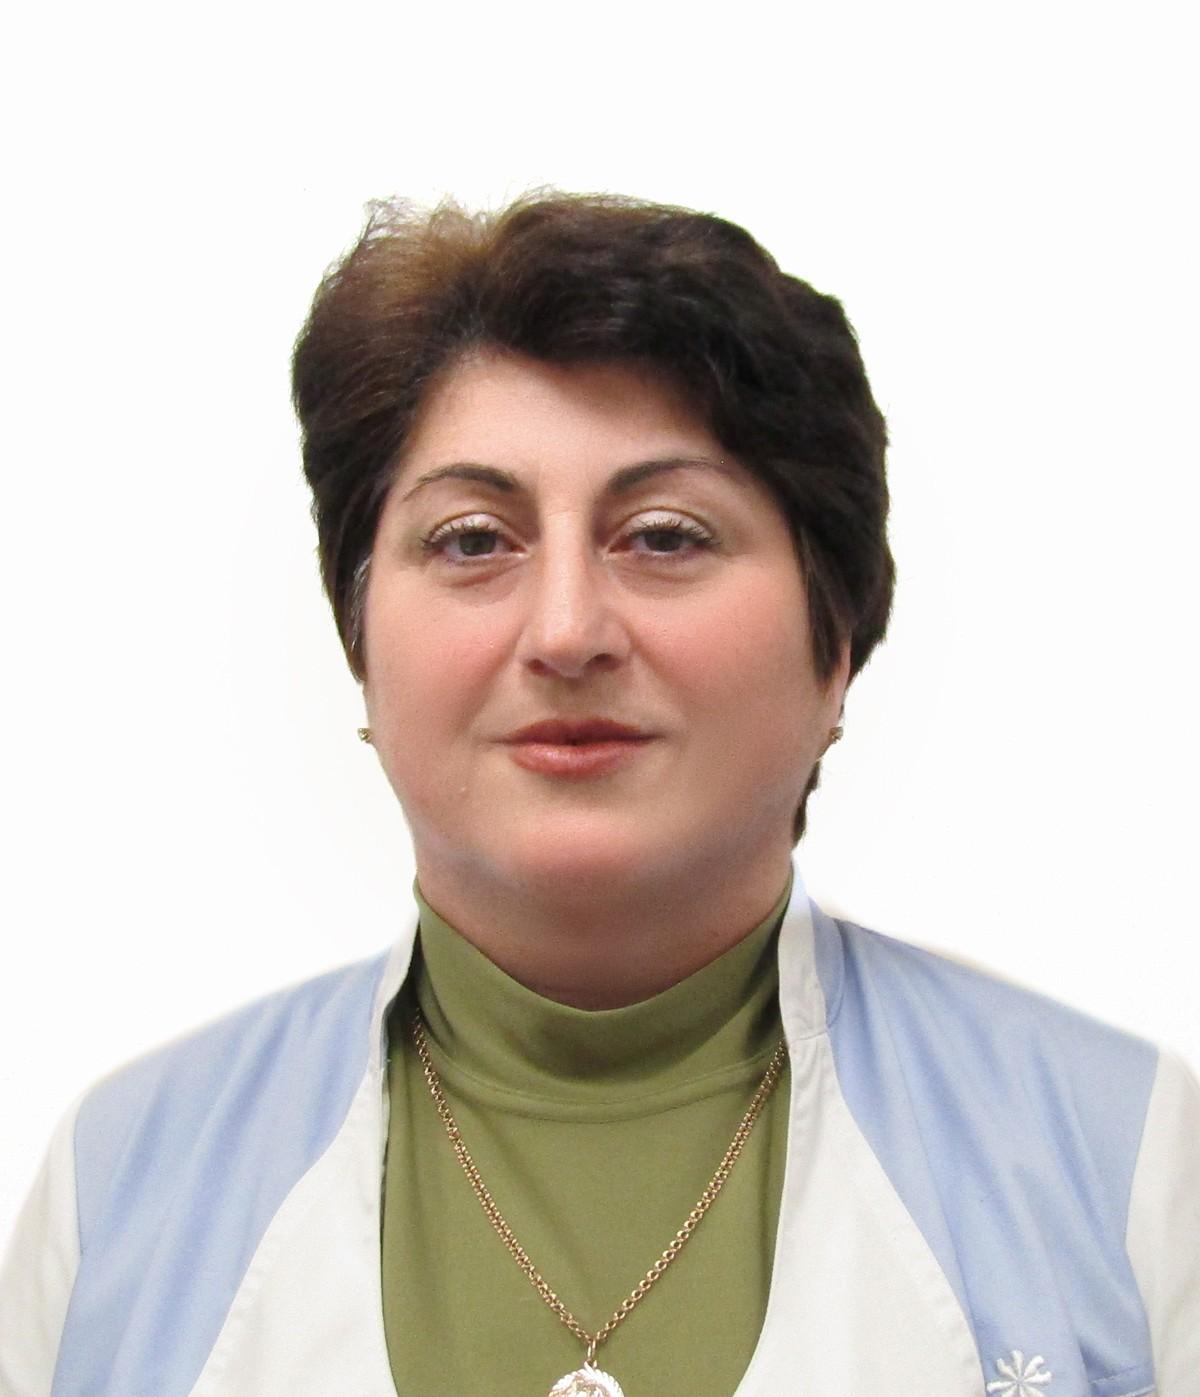 Gamidova